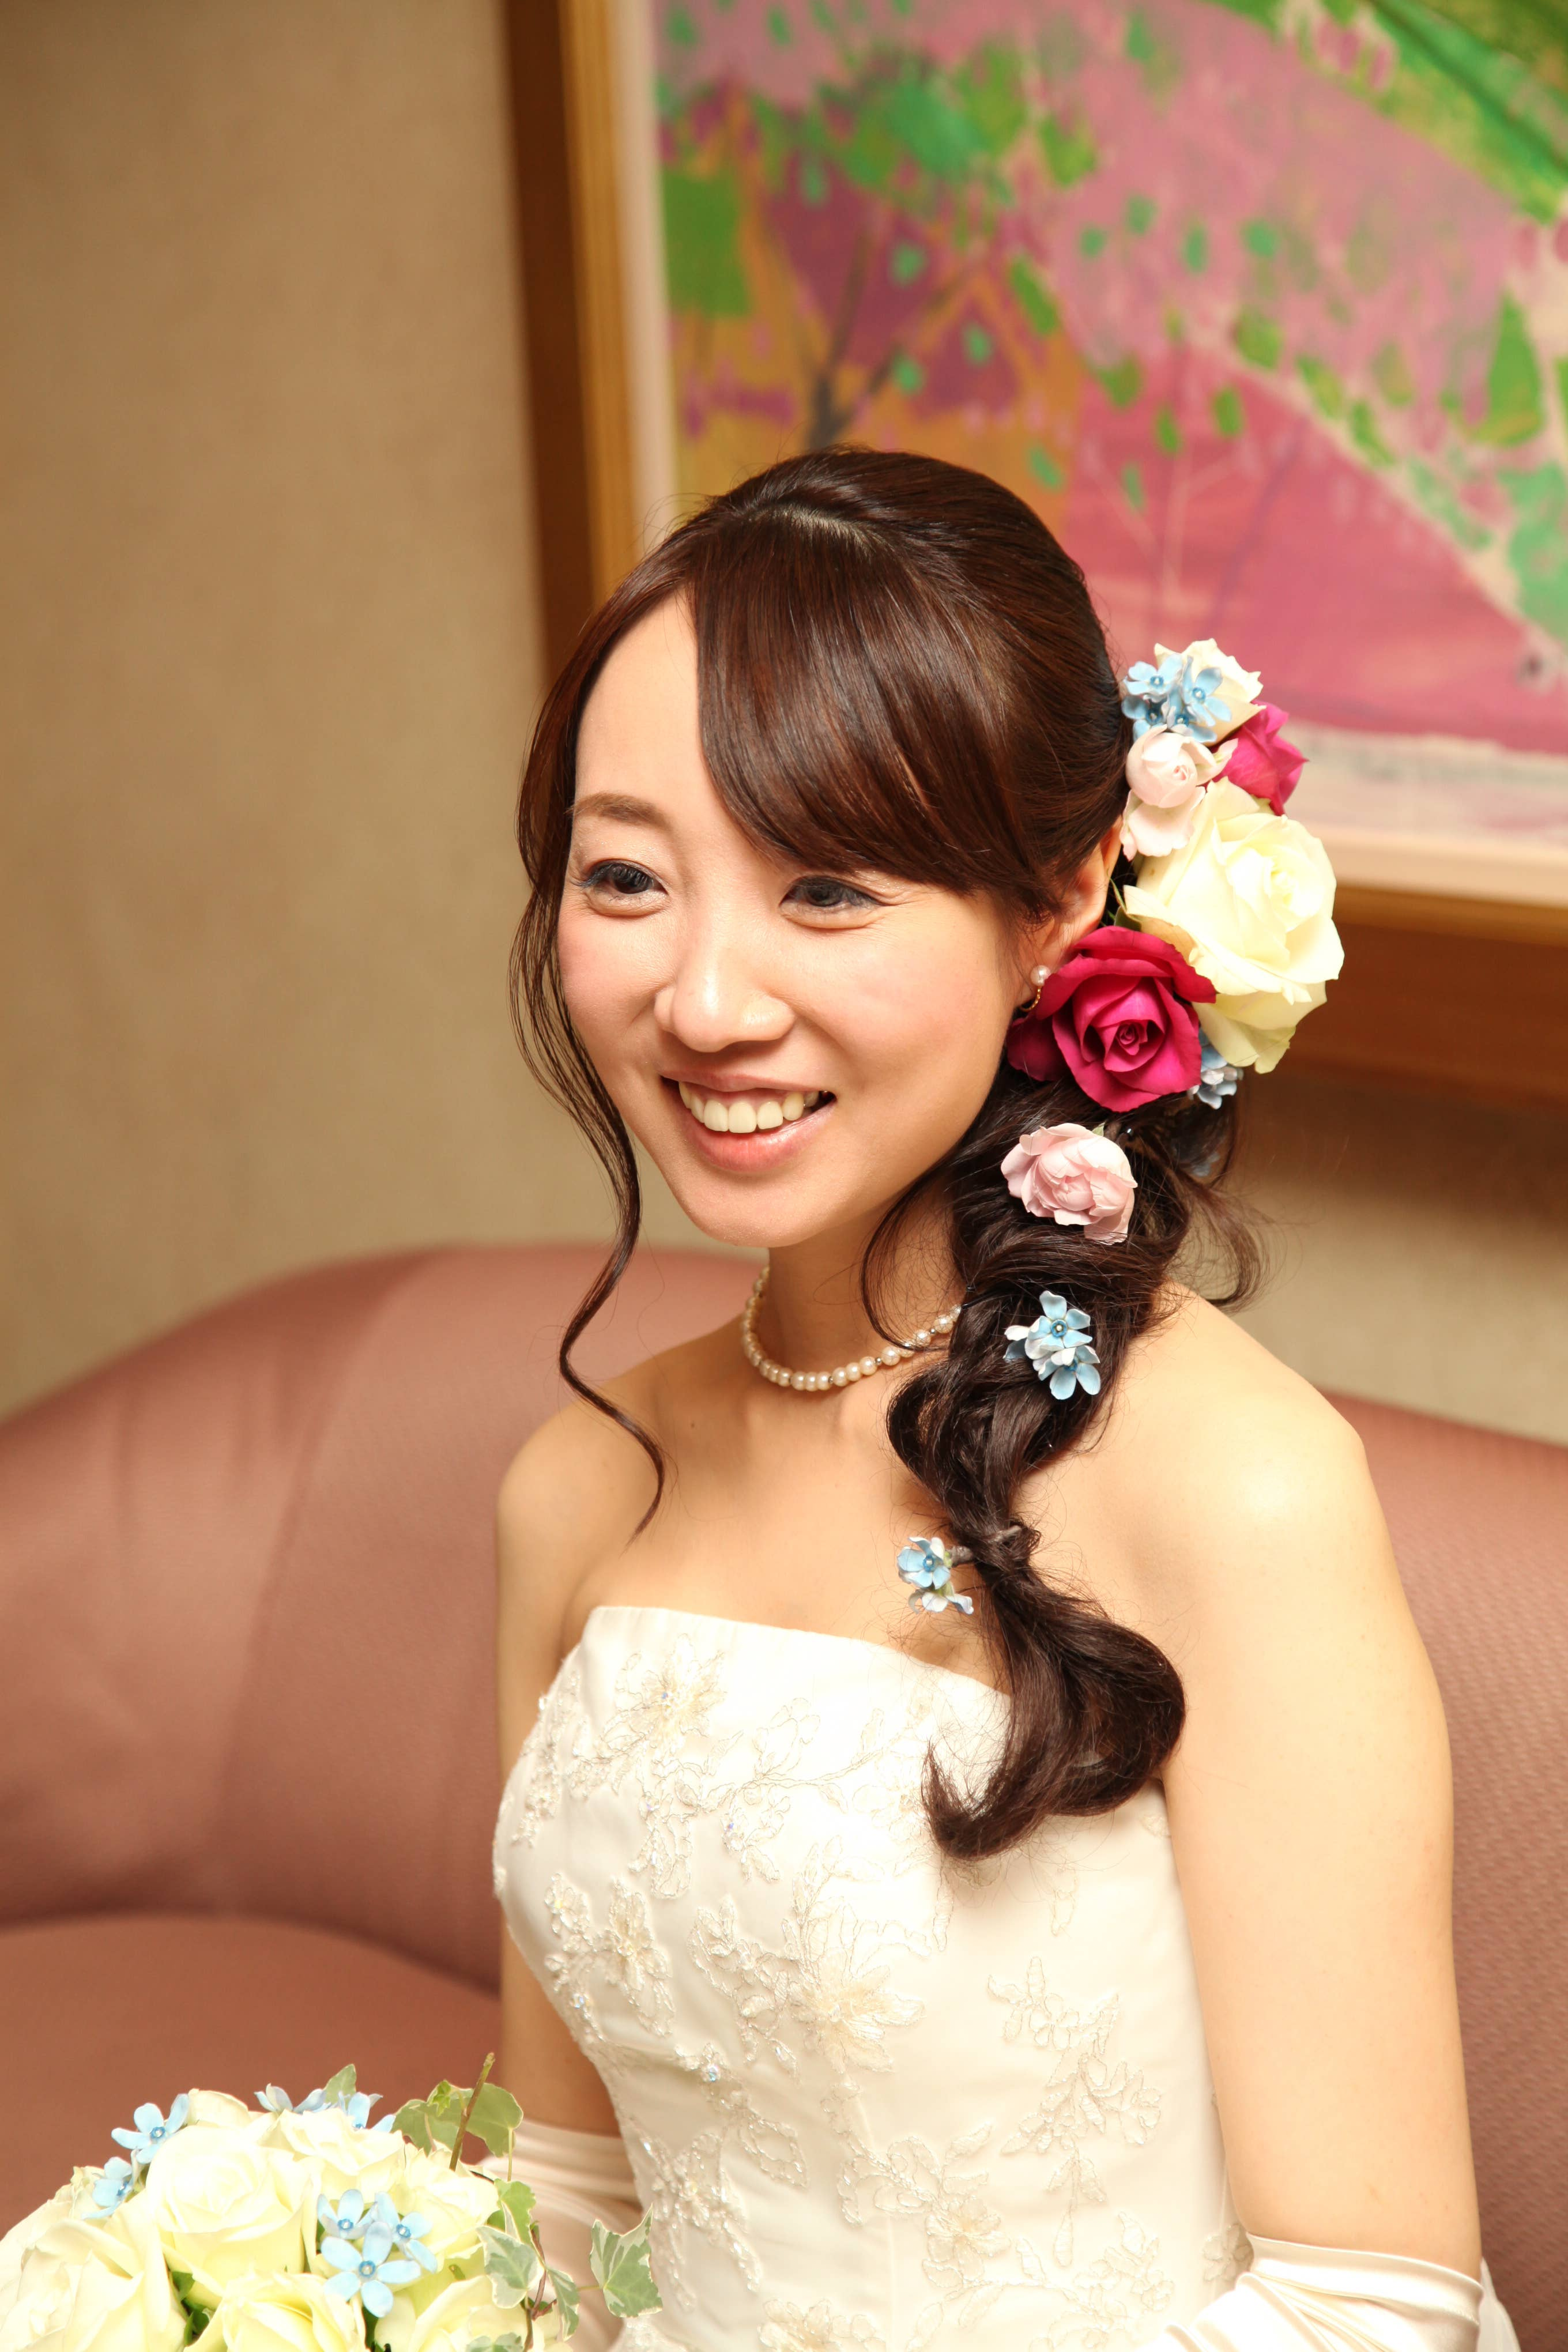 Shiori Sato